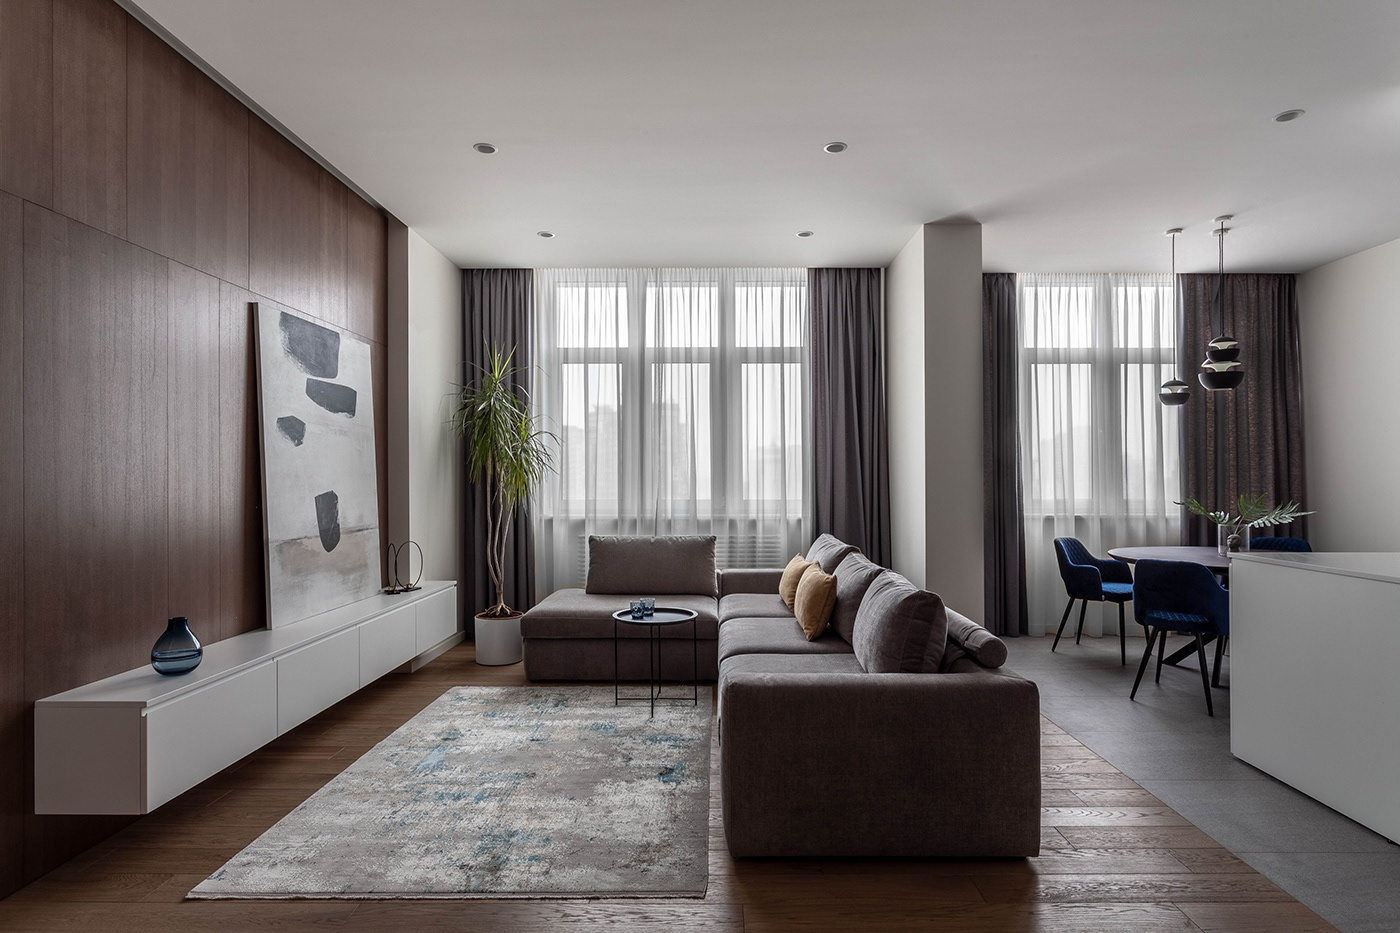 Un appartamento moderno e funzionale di Anastasia Kulhava e Nik Gusev